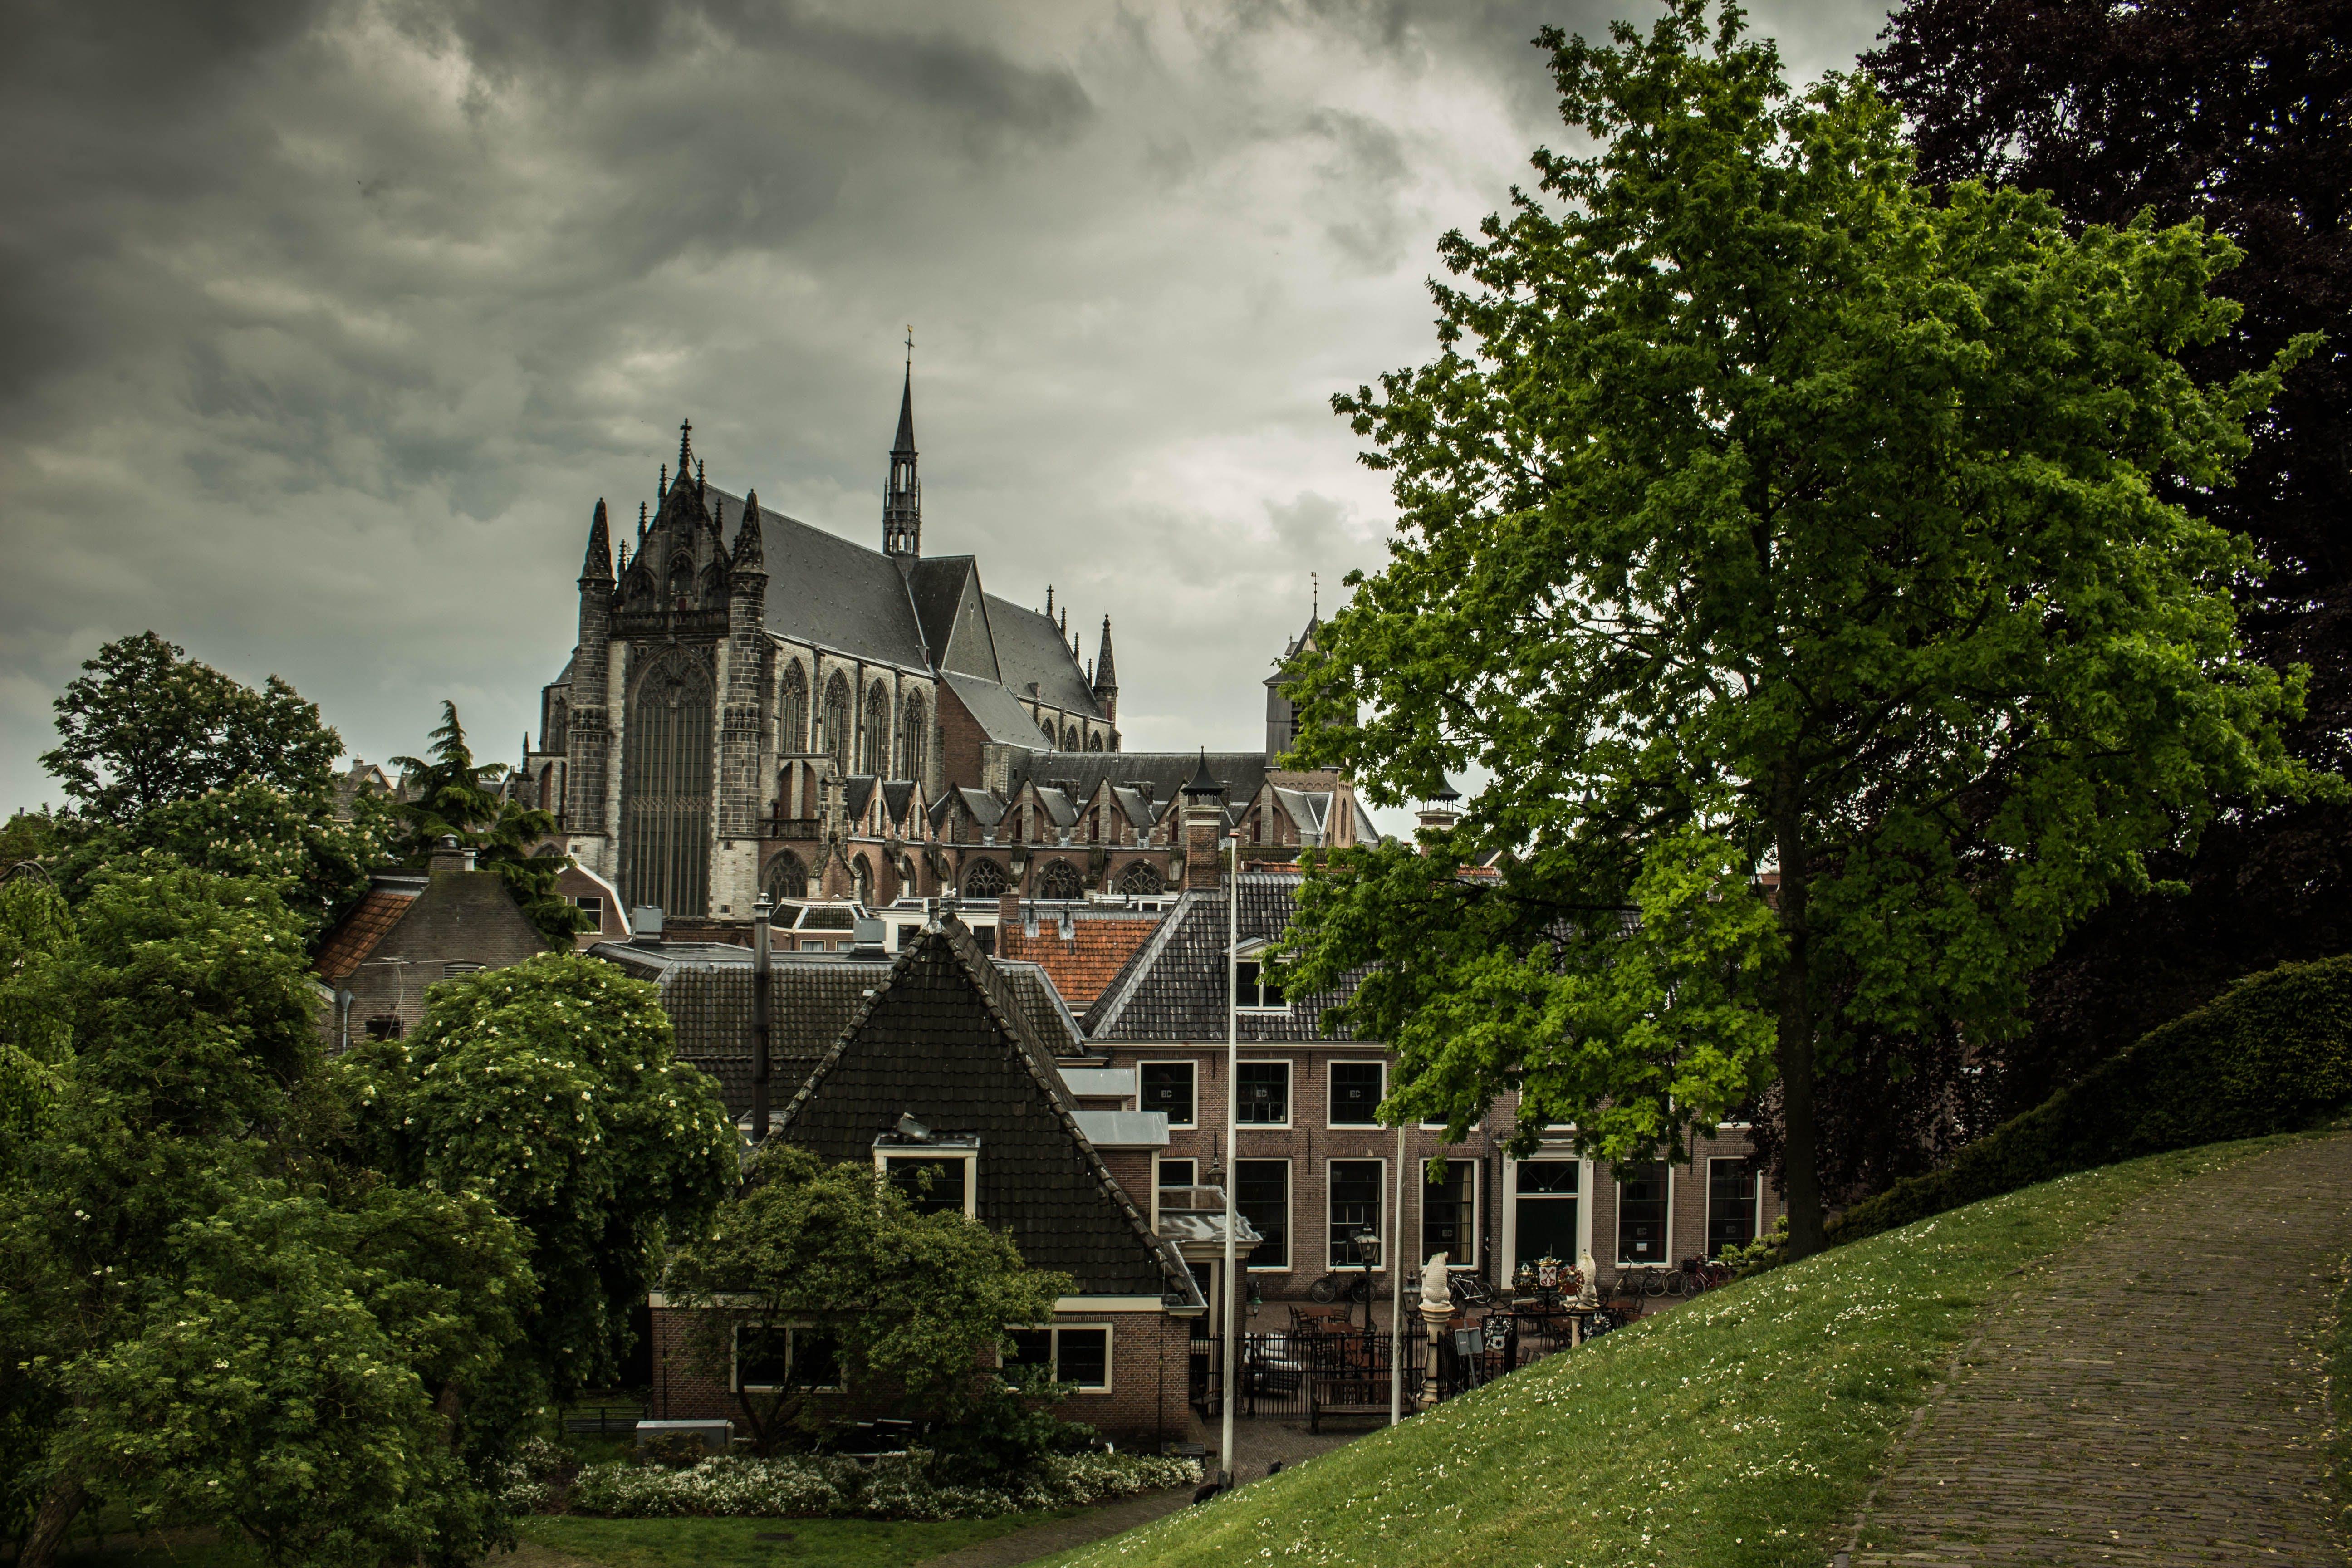 architecture, buildings, castle